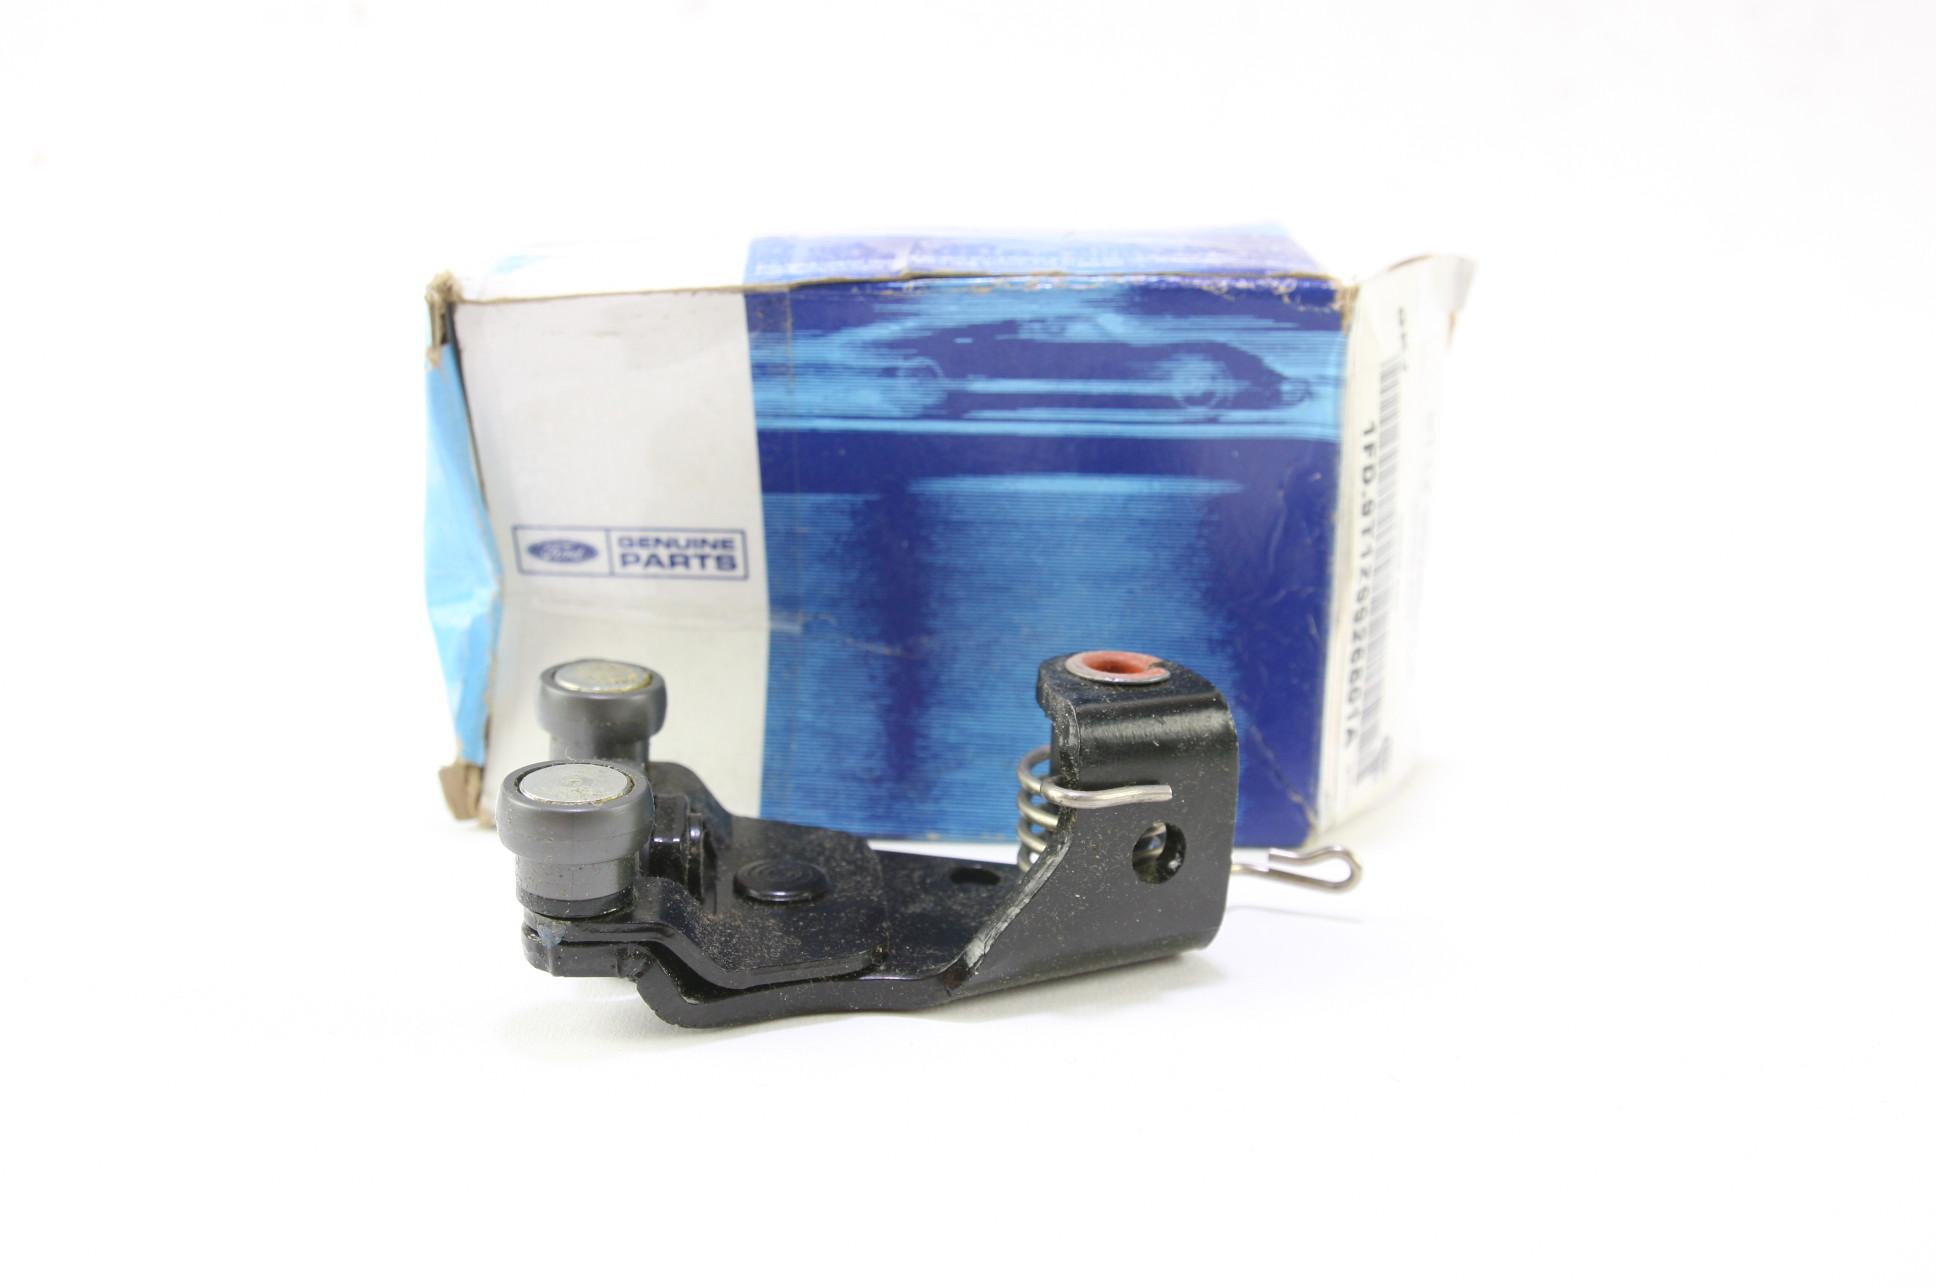 ** New OEM 9T1Z9926801A Ford 10-13 Transit Connect Side Sliding Door Roller Left - image 1